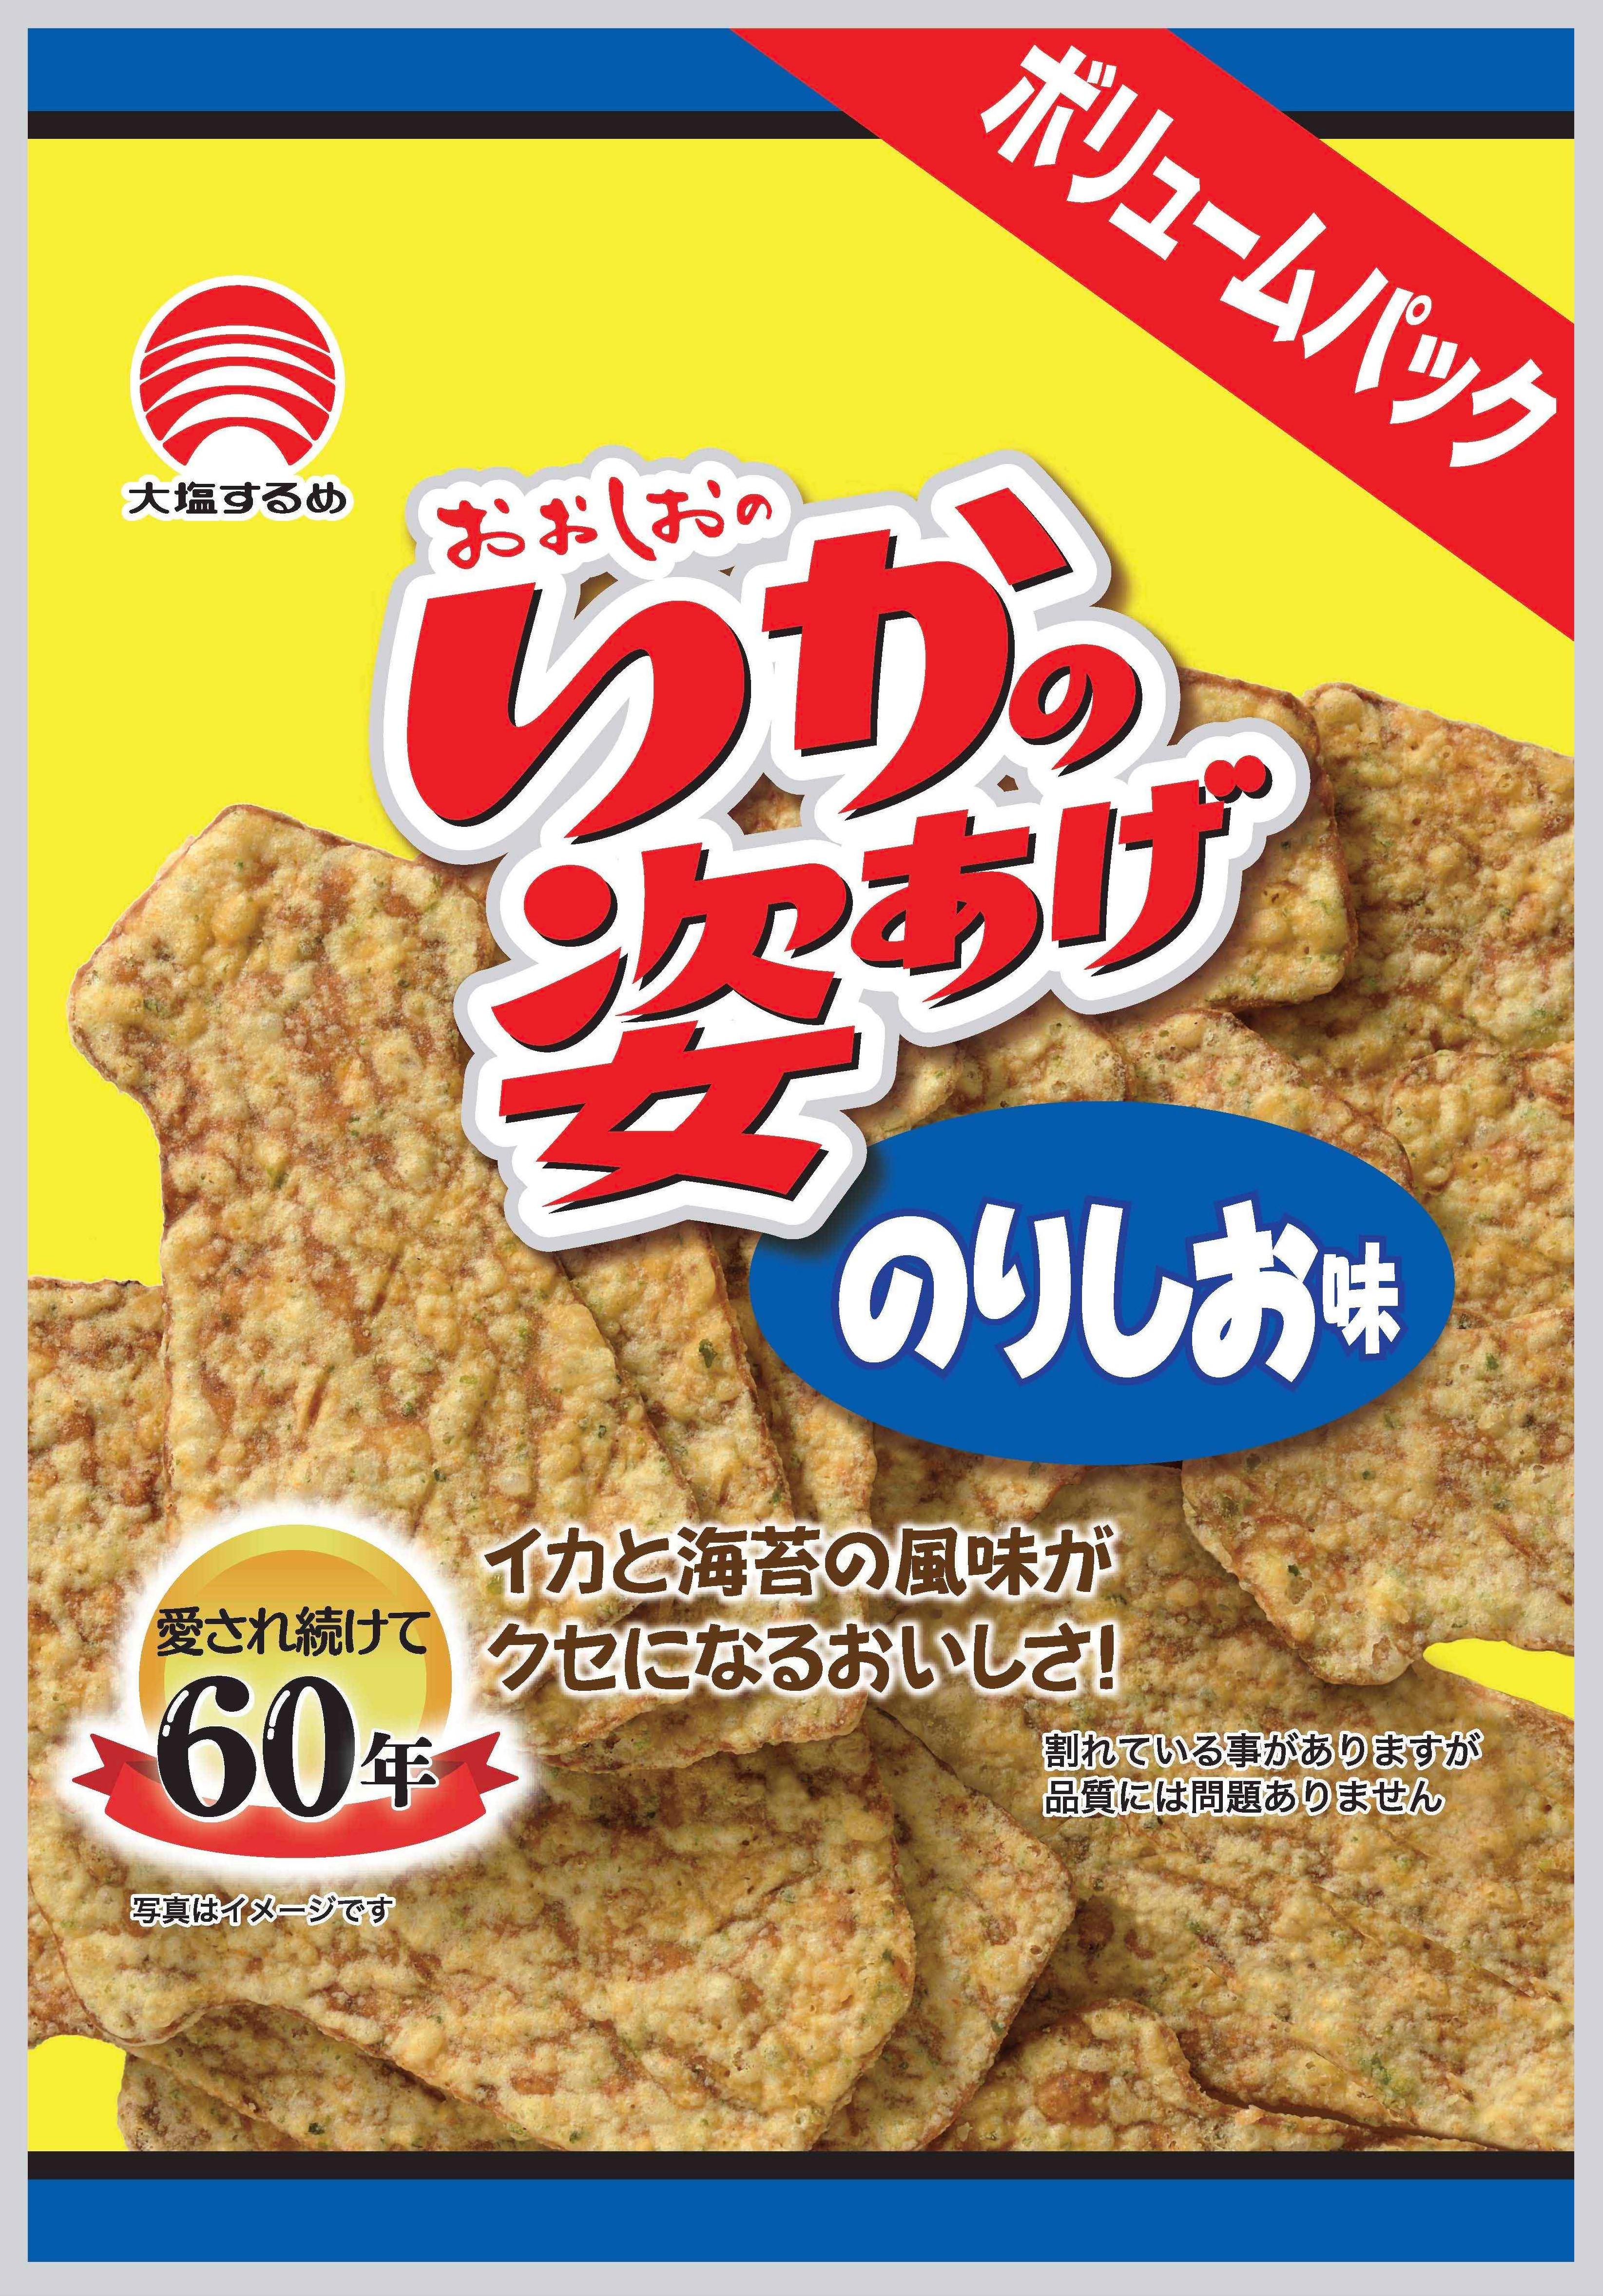 いかの姿あげ のりしお味 ボリュームパック(60年ロゴ入りpkg)